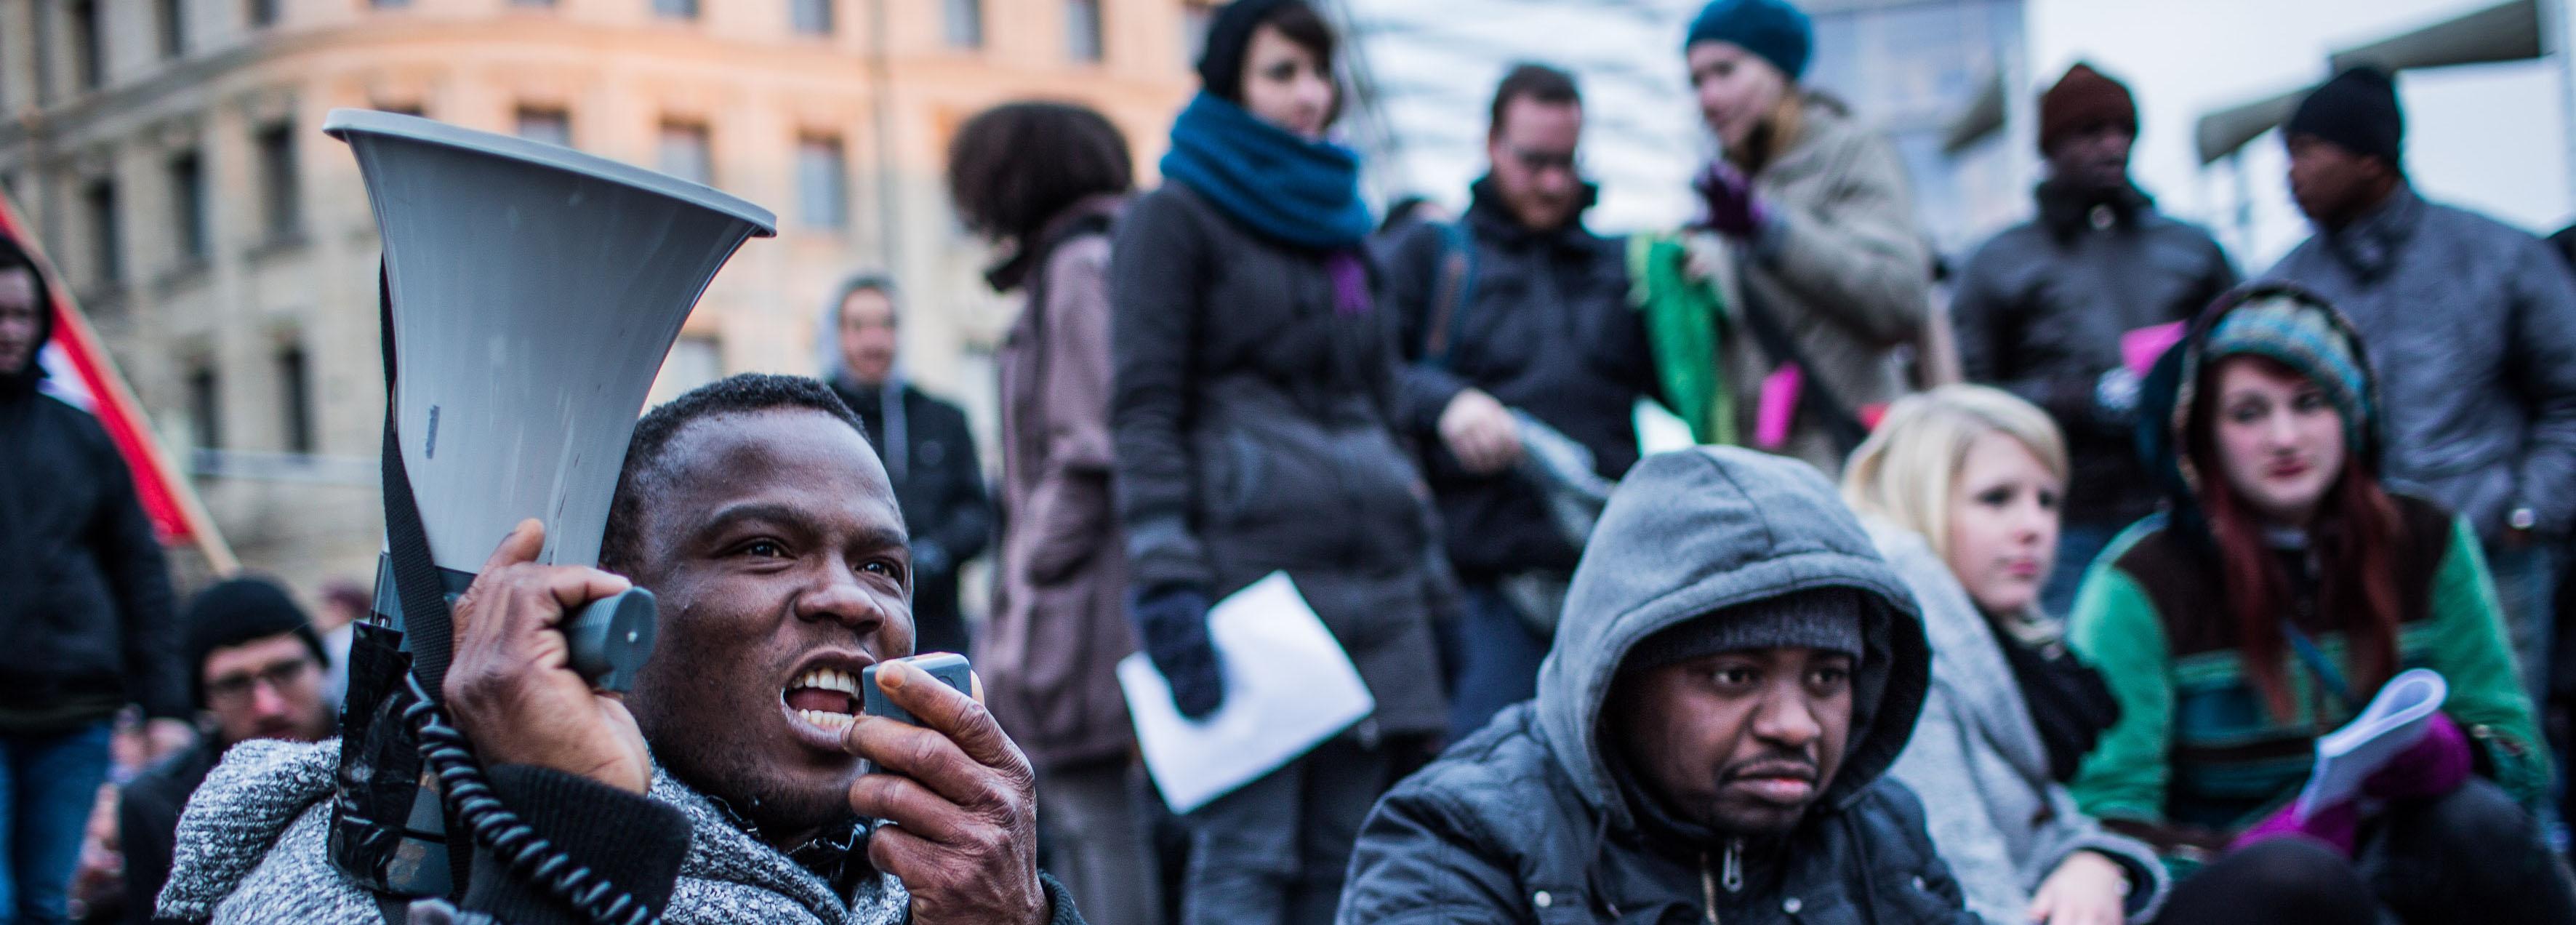 """Bild zur Ausgabe """"Asylpolitik: Wider die Bewegungsfreiheit"""""""